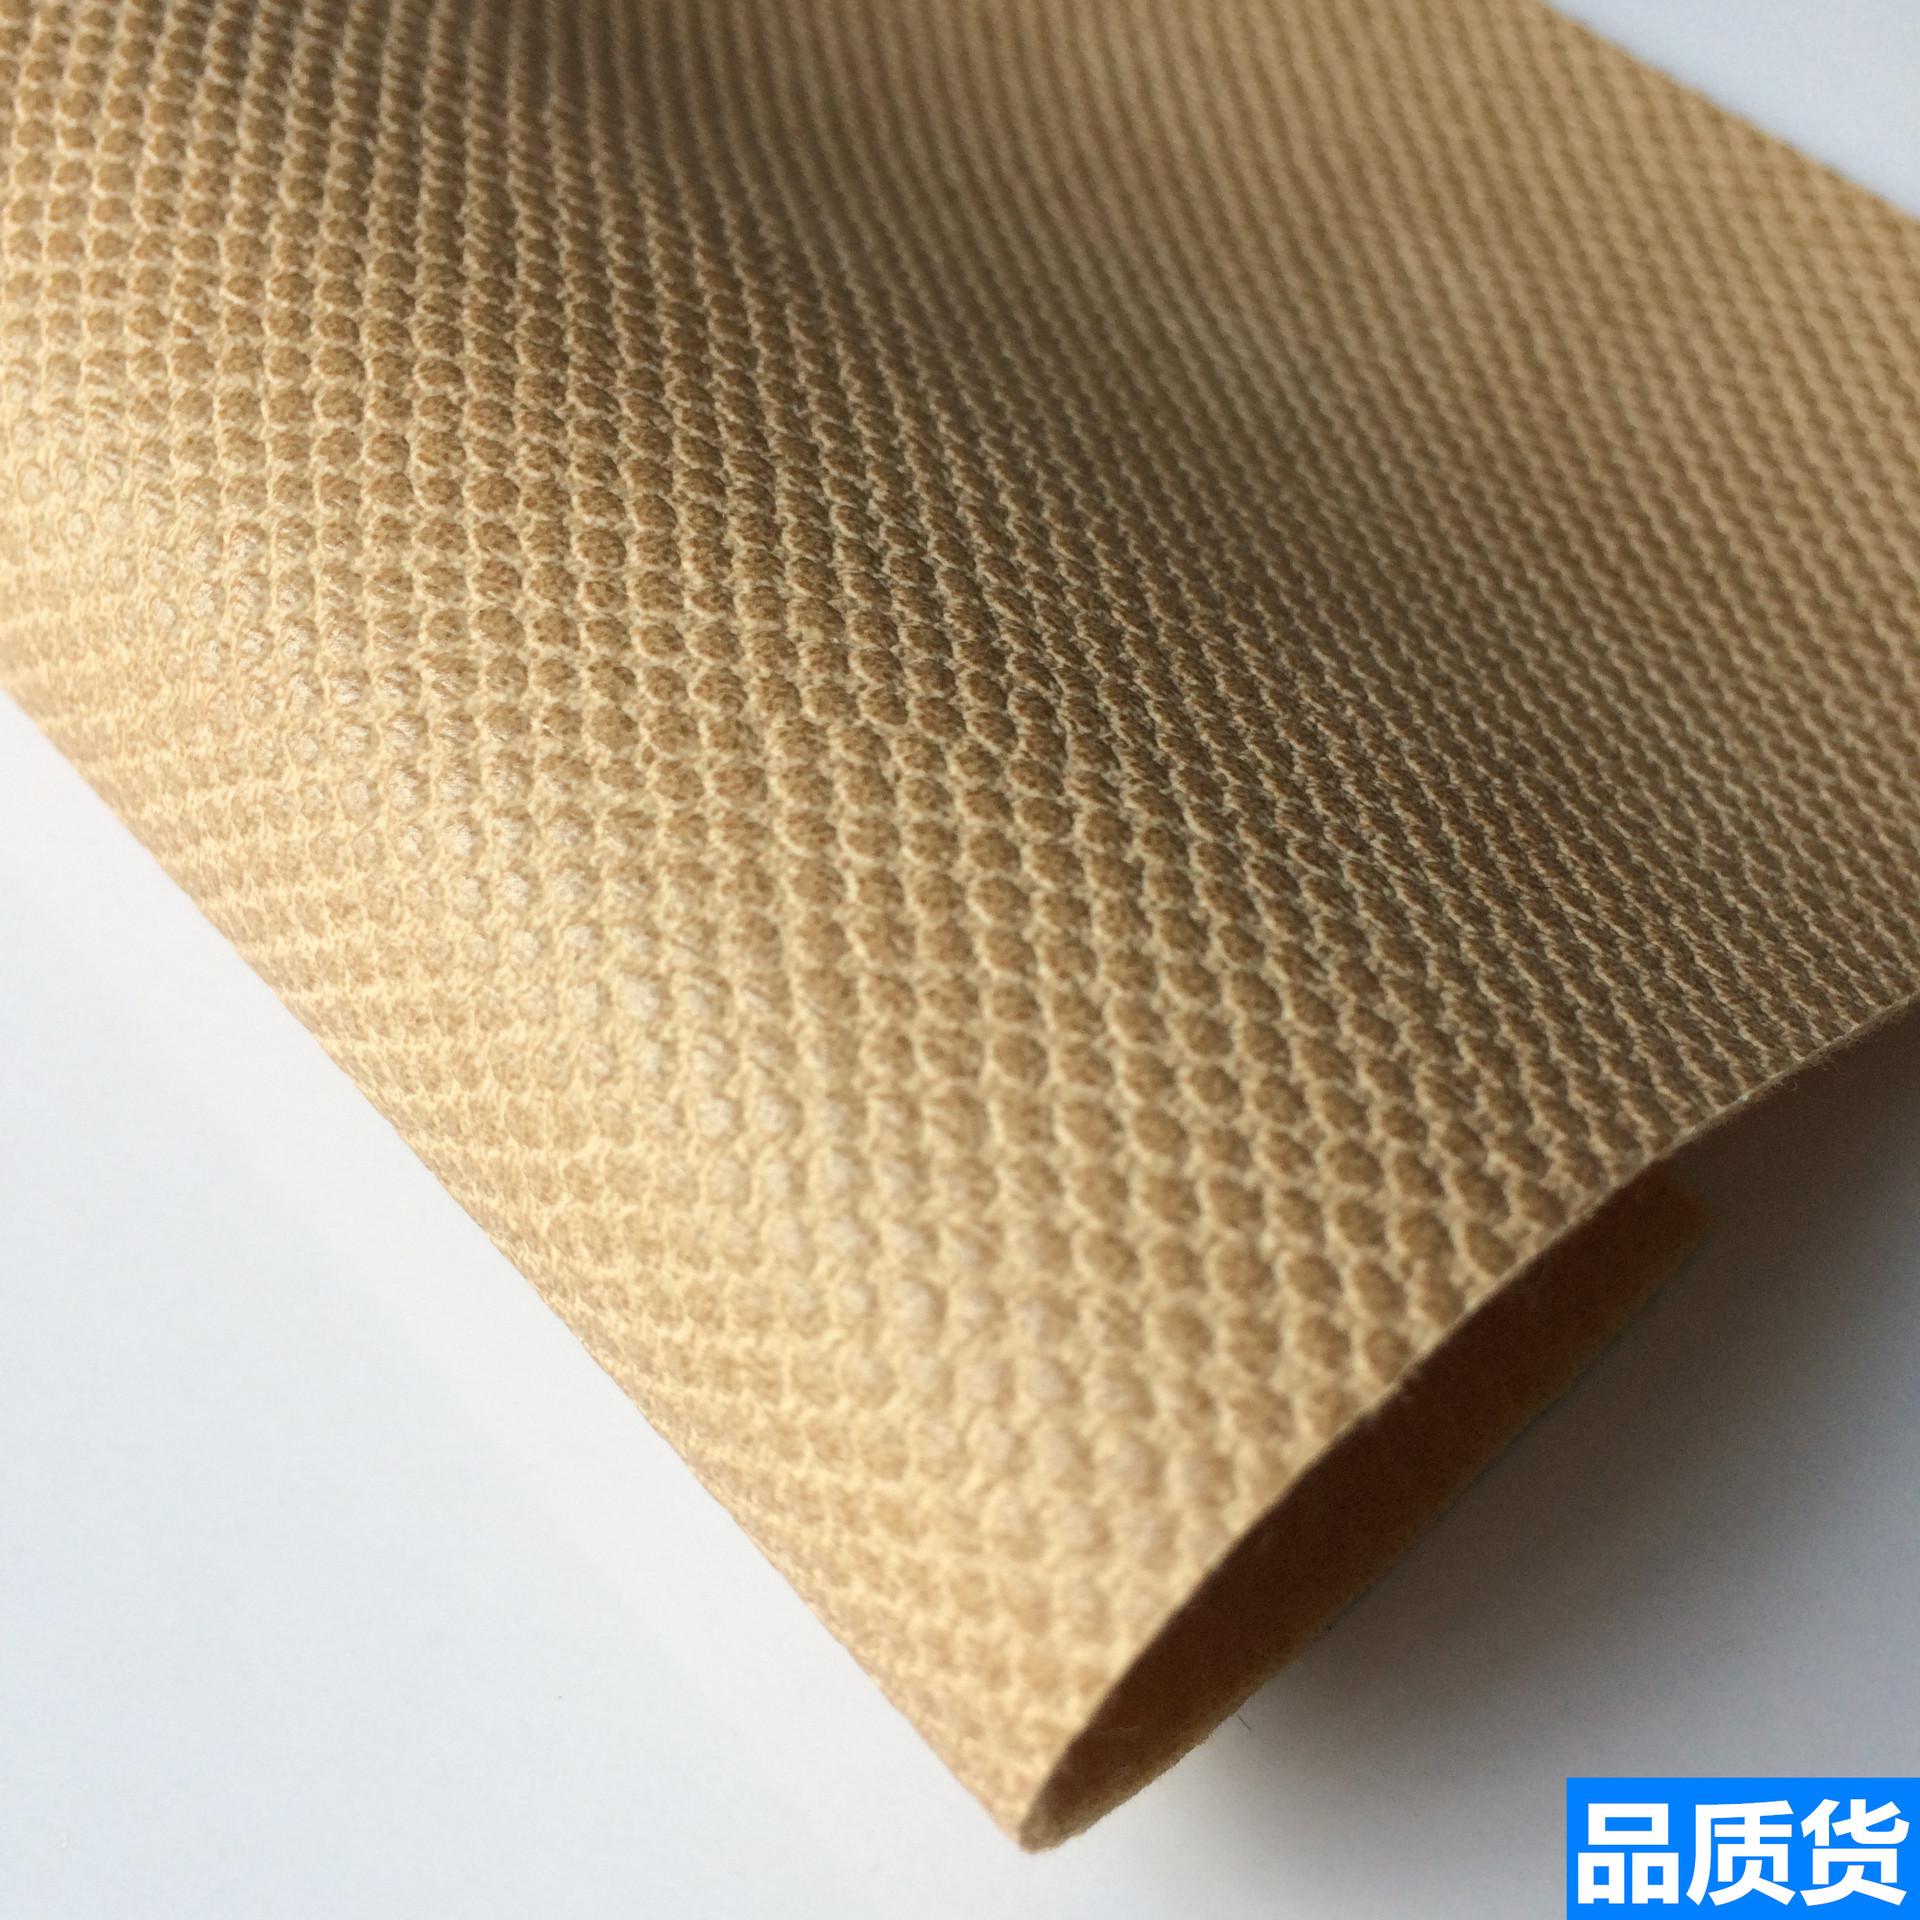 DINGTIAN Simili tổng hợp Các nhà sản xuất chất lượng cao tại chỗ bán nóng Bán vải PU nhỏ chấm nhỏ Vả